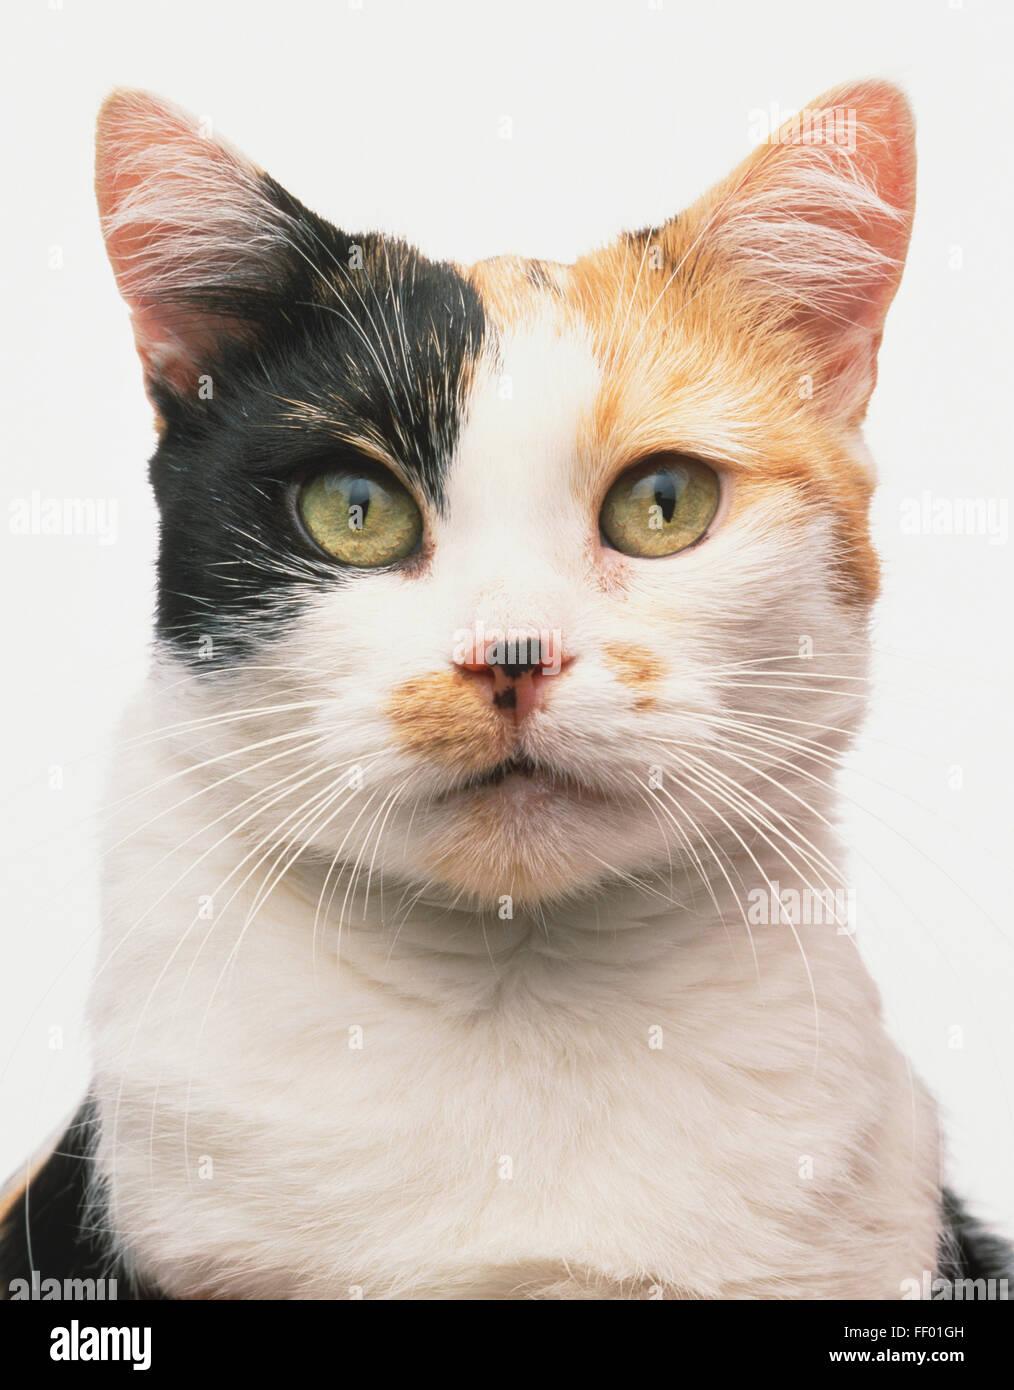 Gesicht eines Schildpatt und weiße Manx Katze (Felis Catus Stockfoto ...